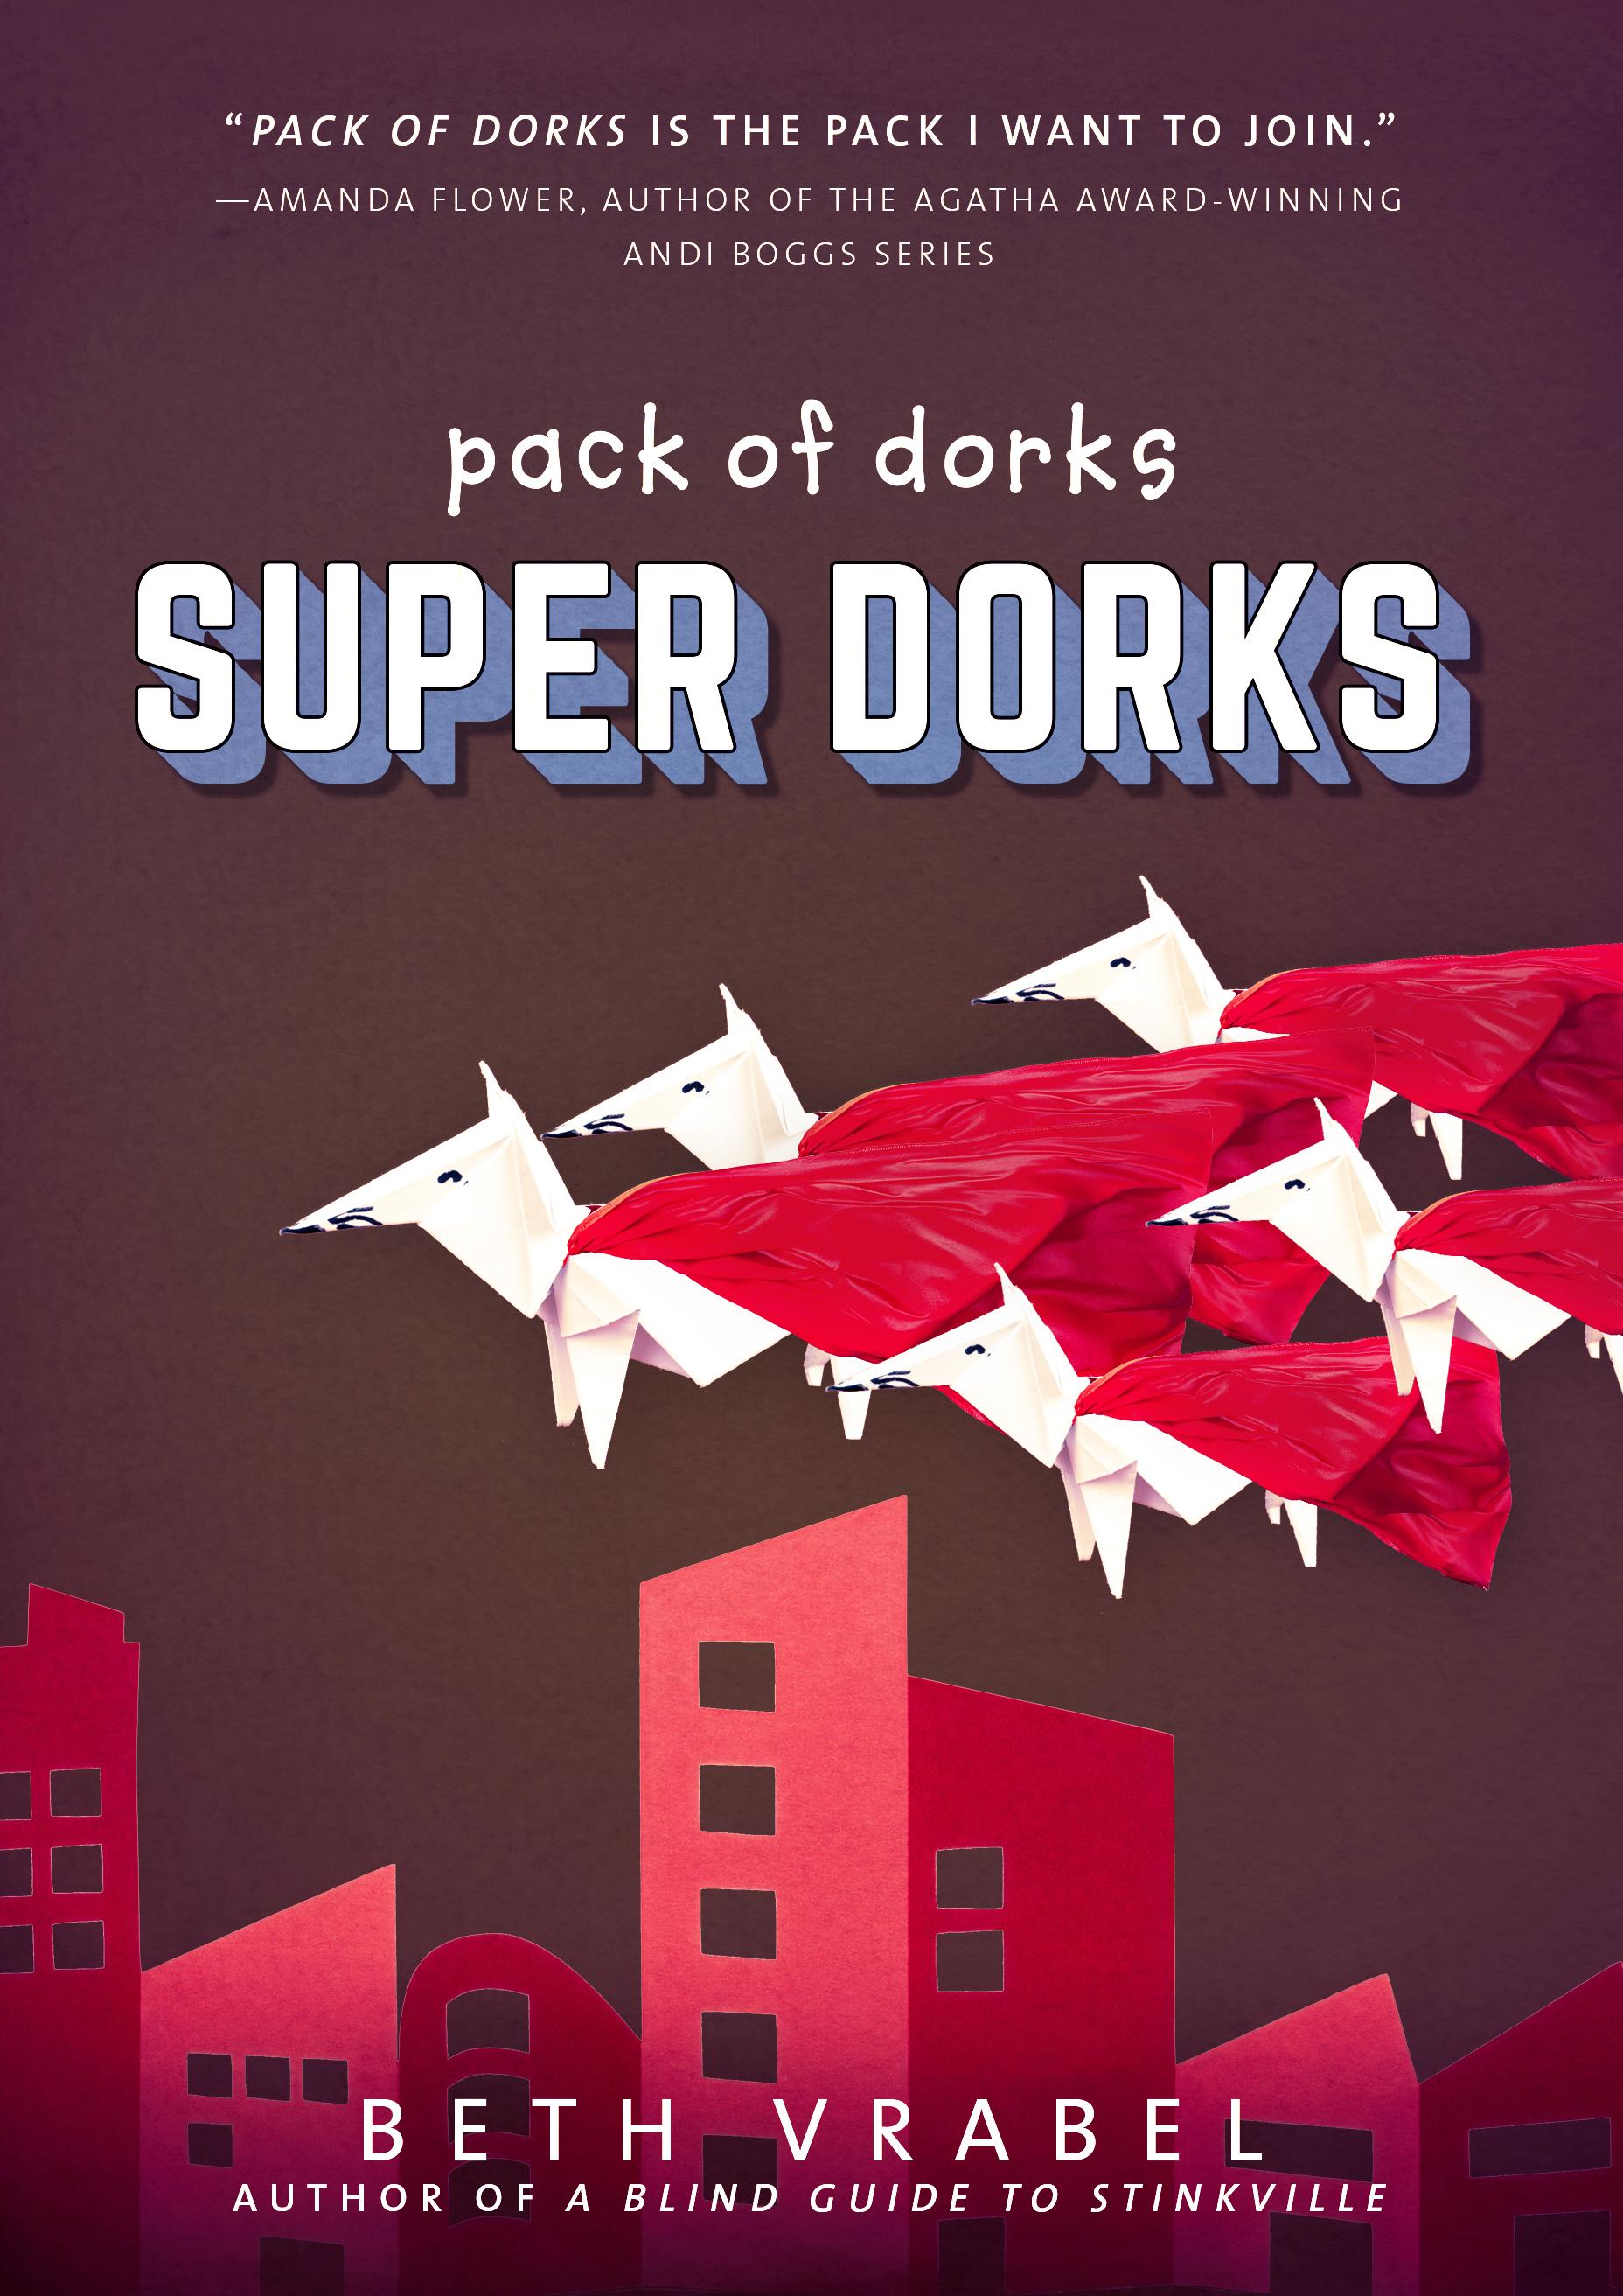 Super Dorks - comp1-REV.jpg